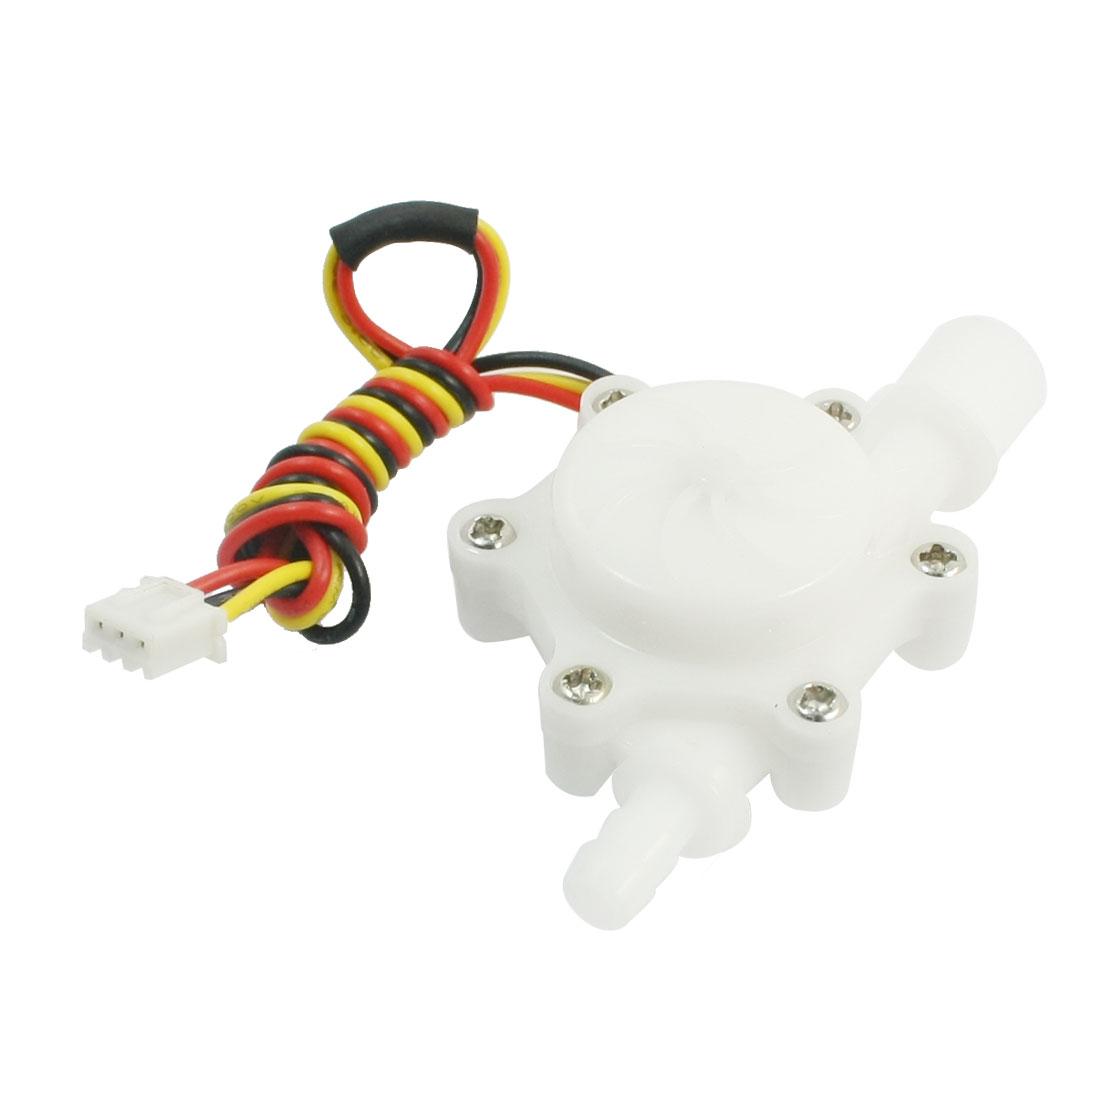 DC3V-18V 0.2-2.5 L/min G1/4 Male Thread Hall Effect Water Flow Sensor